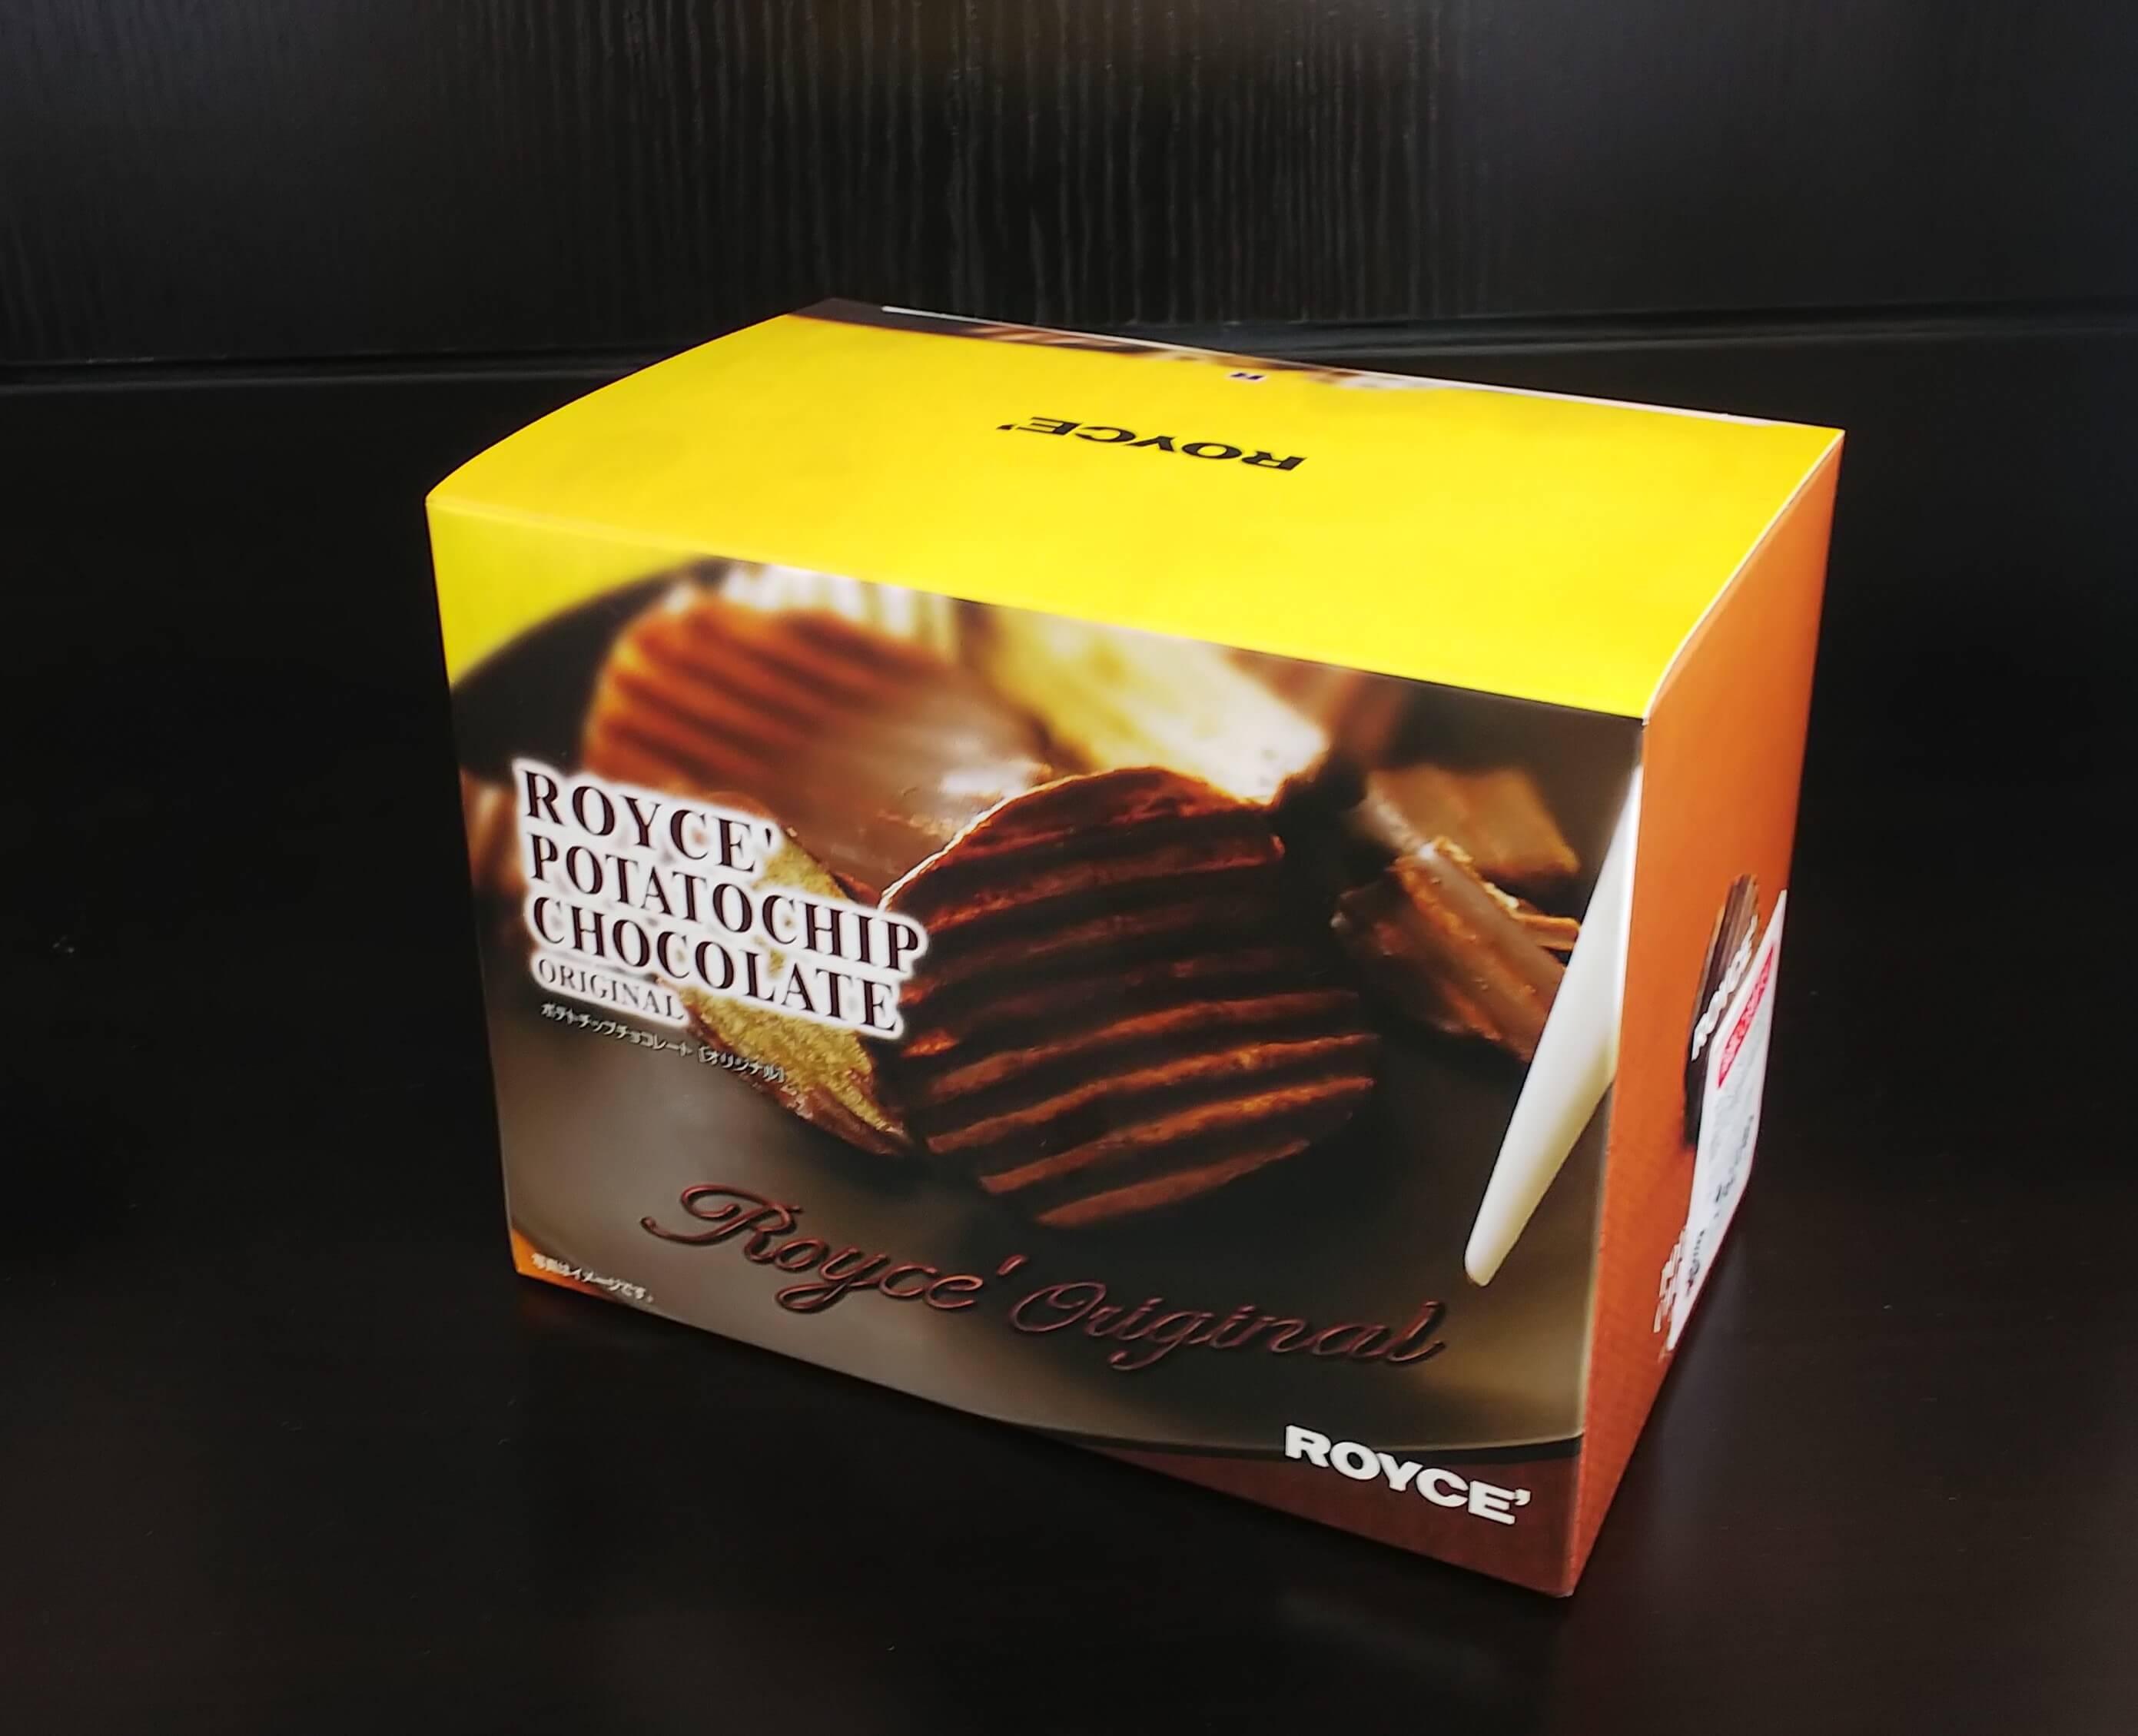 チョコ チップ ロイズ ロイズの商品一覧|ロイズ(ROYCE')公式サイト